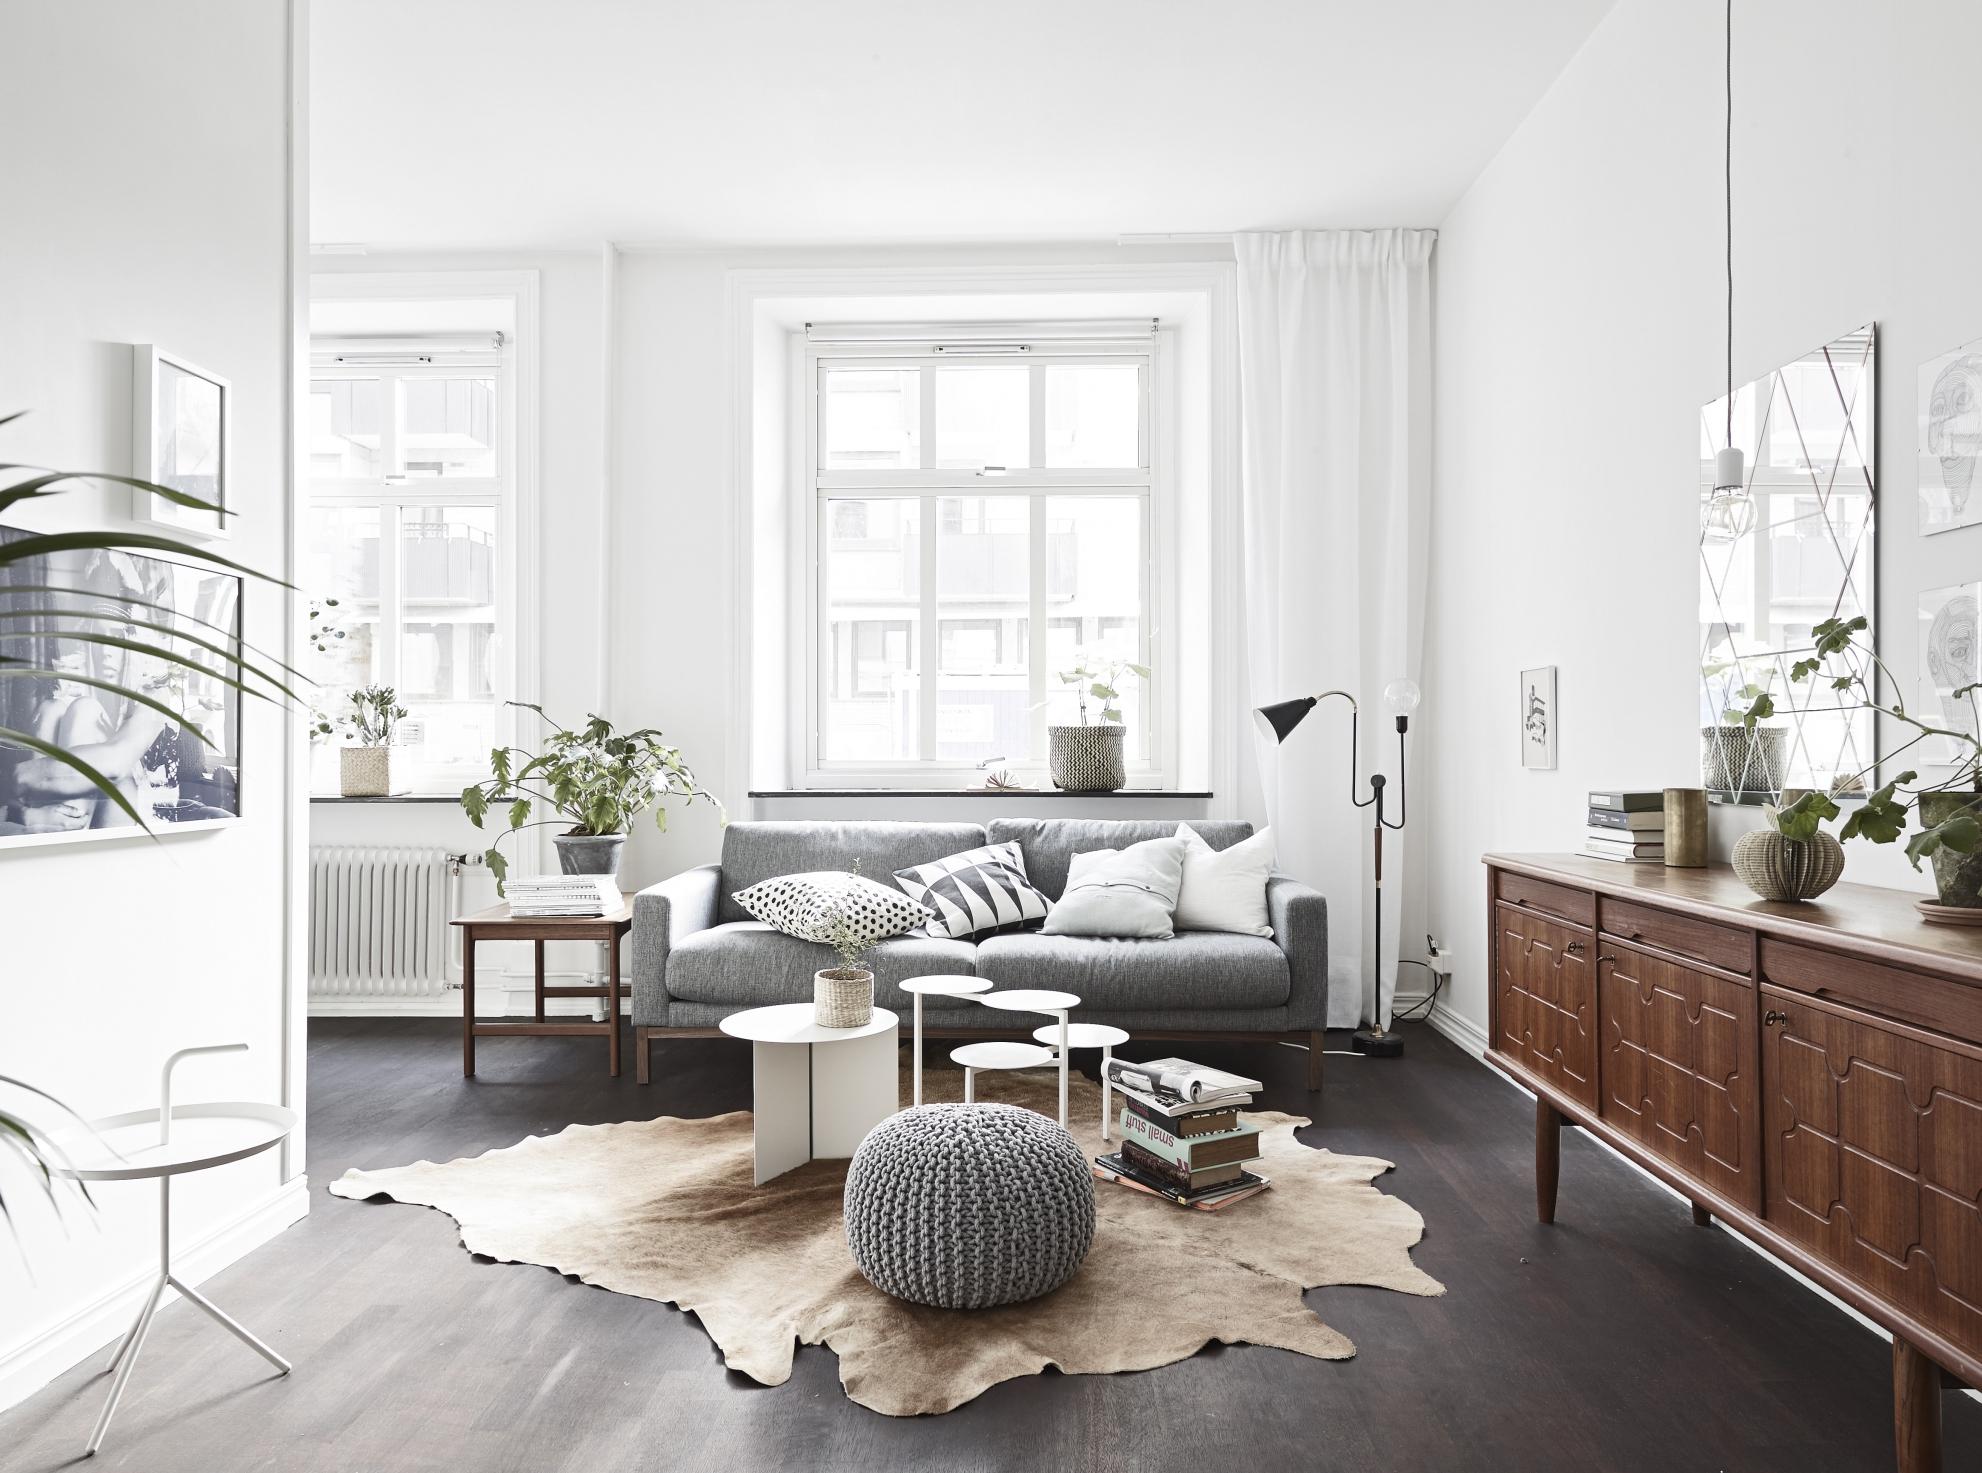 Однокомнатная квартира студия в скандинавском стиле